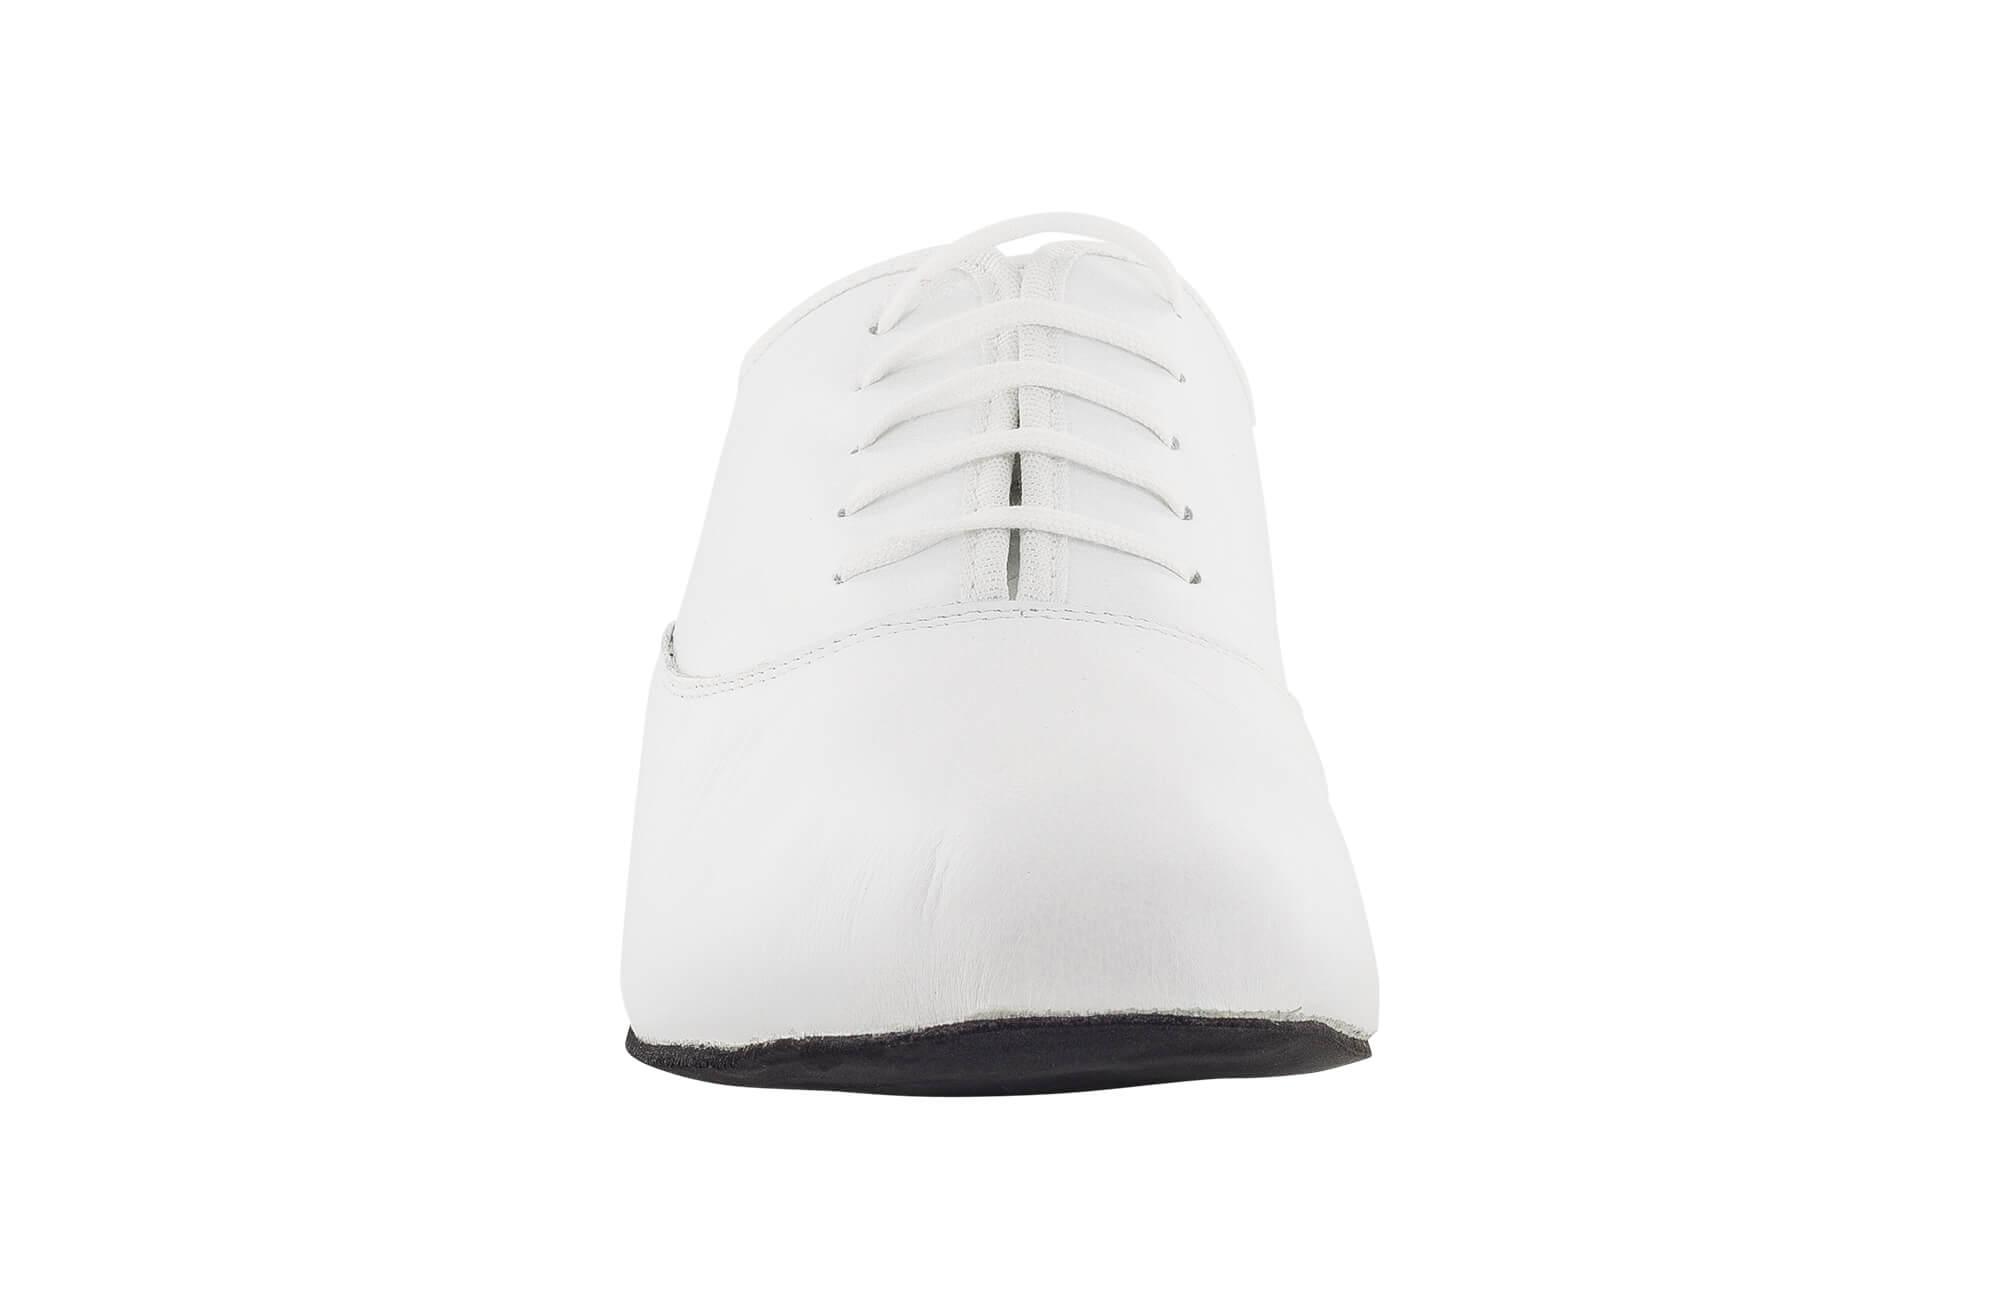 pretty nice 76816 85754 scarpa da ballo unisex oxford jazz in pelle bianco stringata tacco 1 cm -  Dancin scarpe da ballo